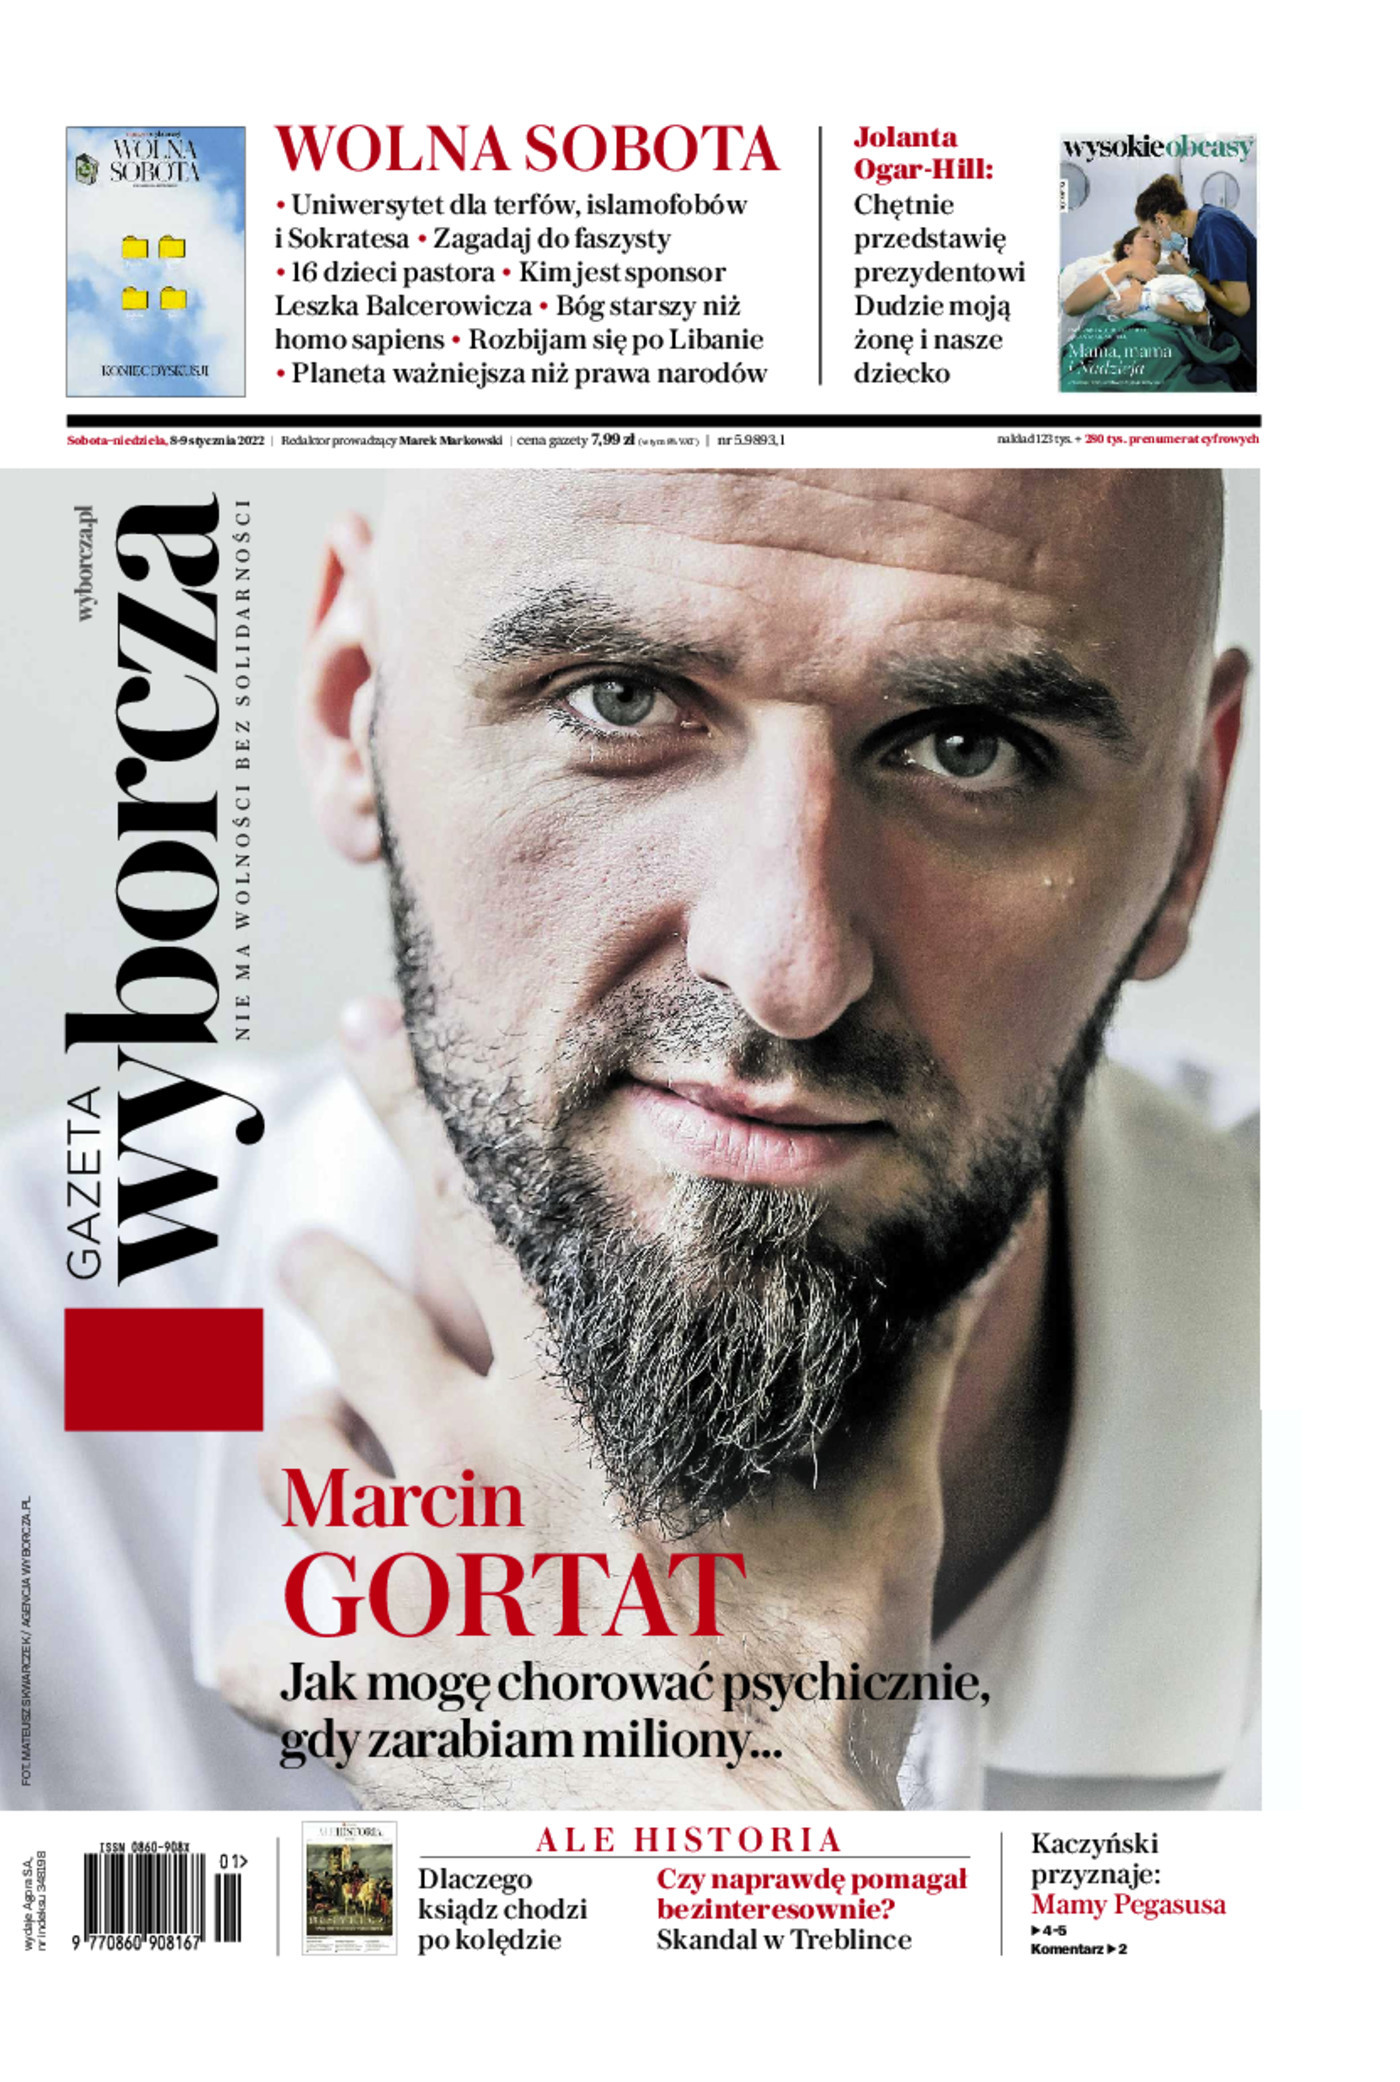 Gazeta Wyborcza - Warszawa – e-wydanie